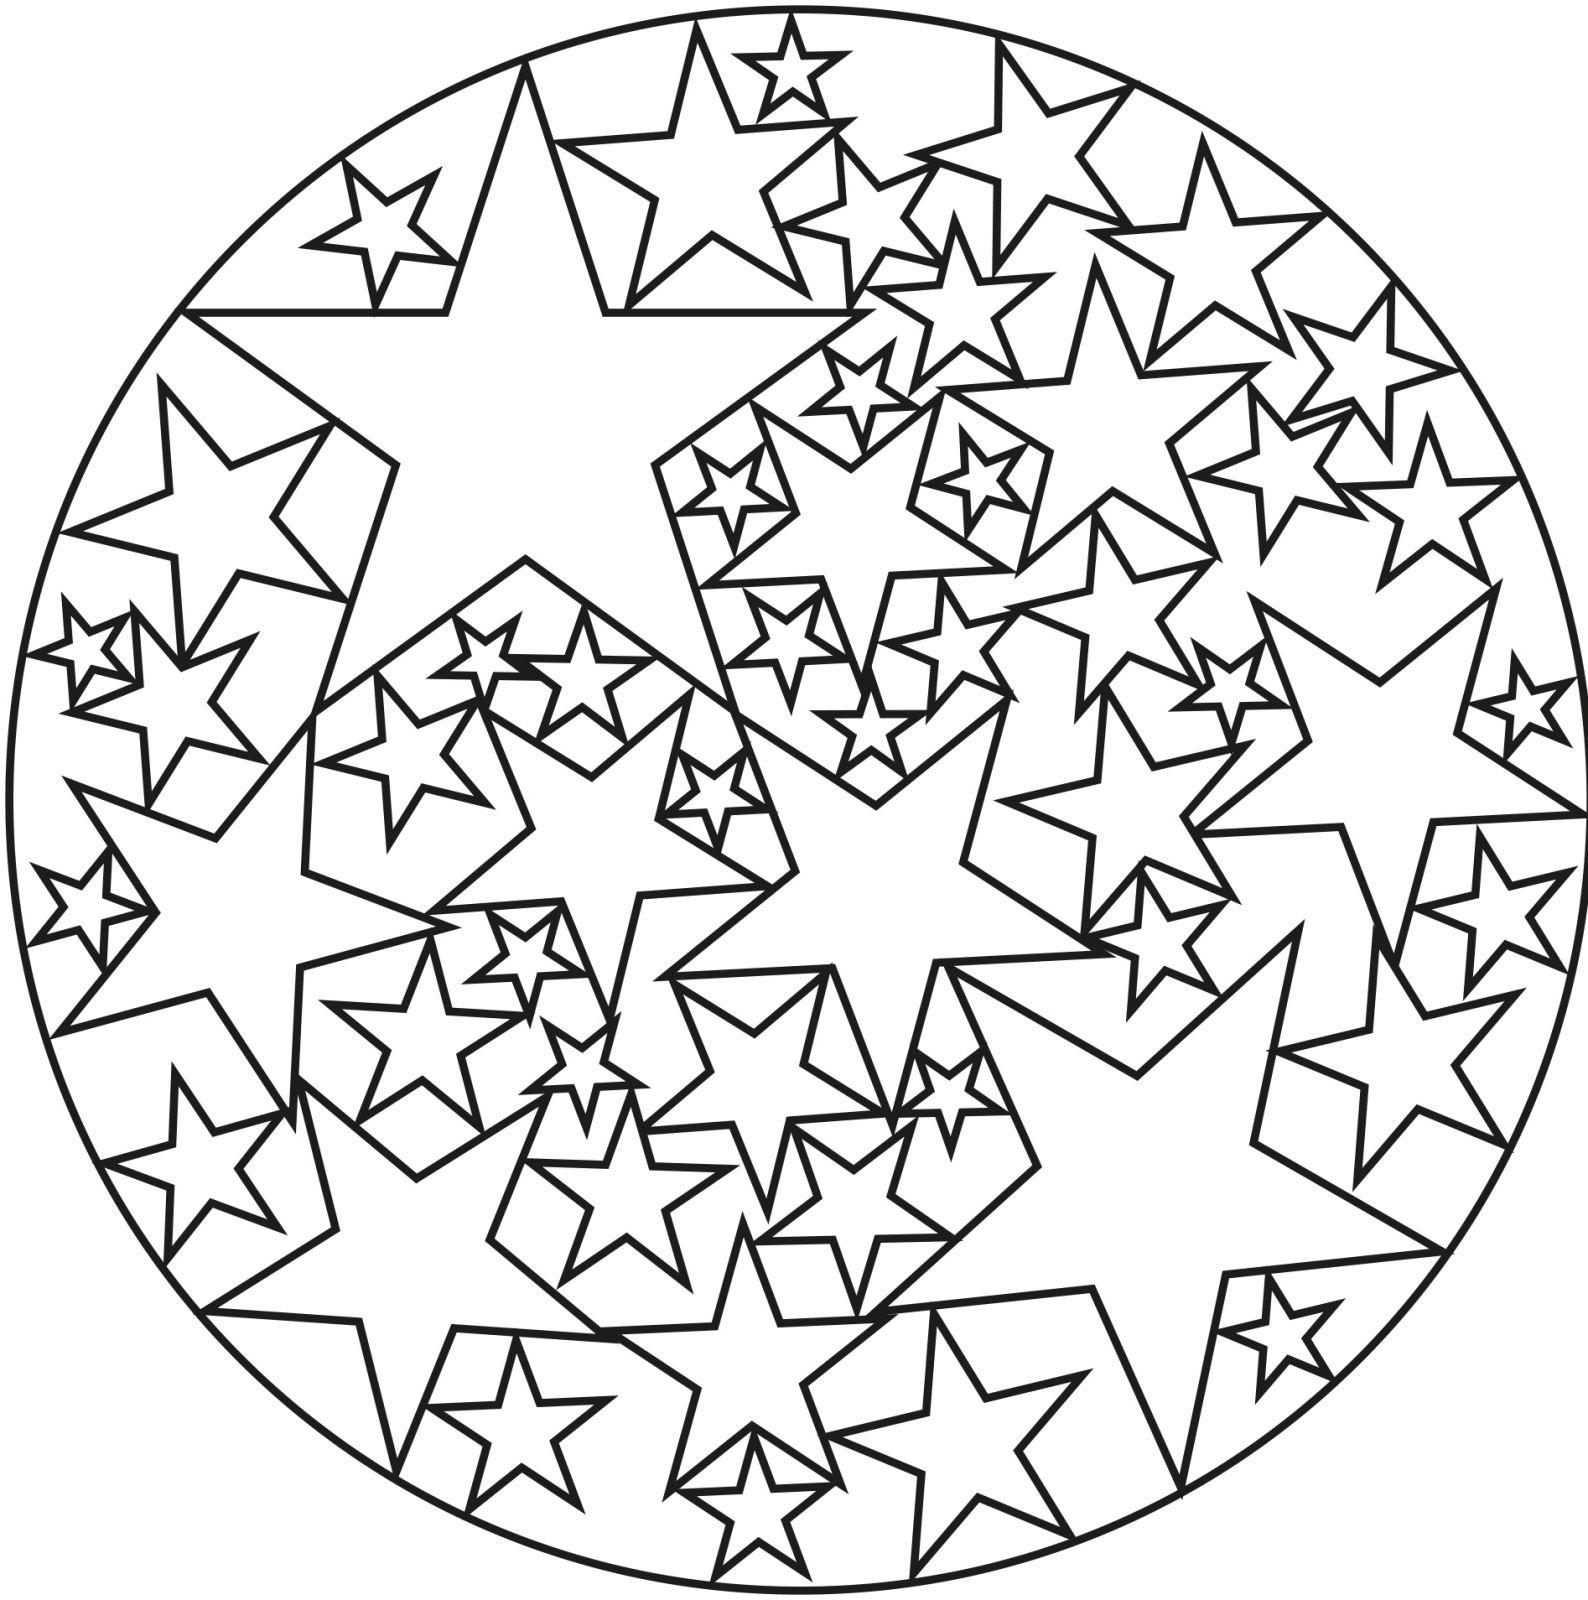 Coloriage Gratuit Mandala Facile | Coloriages À Imprimer tout Mandala Facile À Imprimer